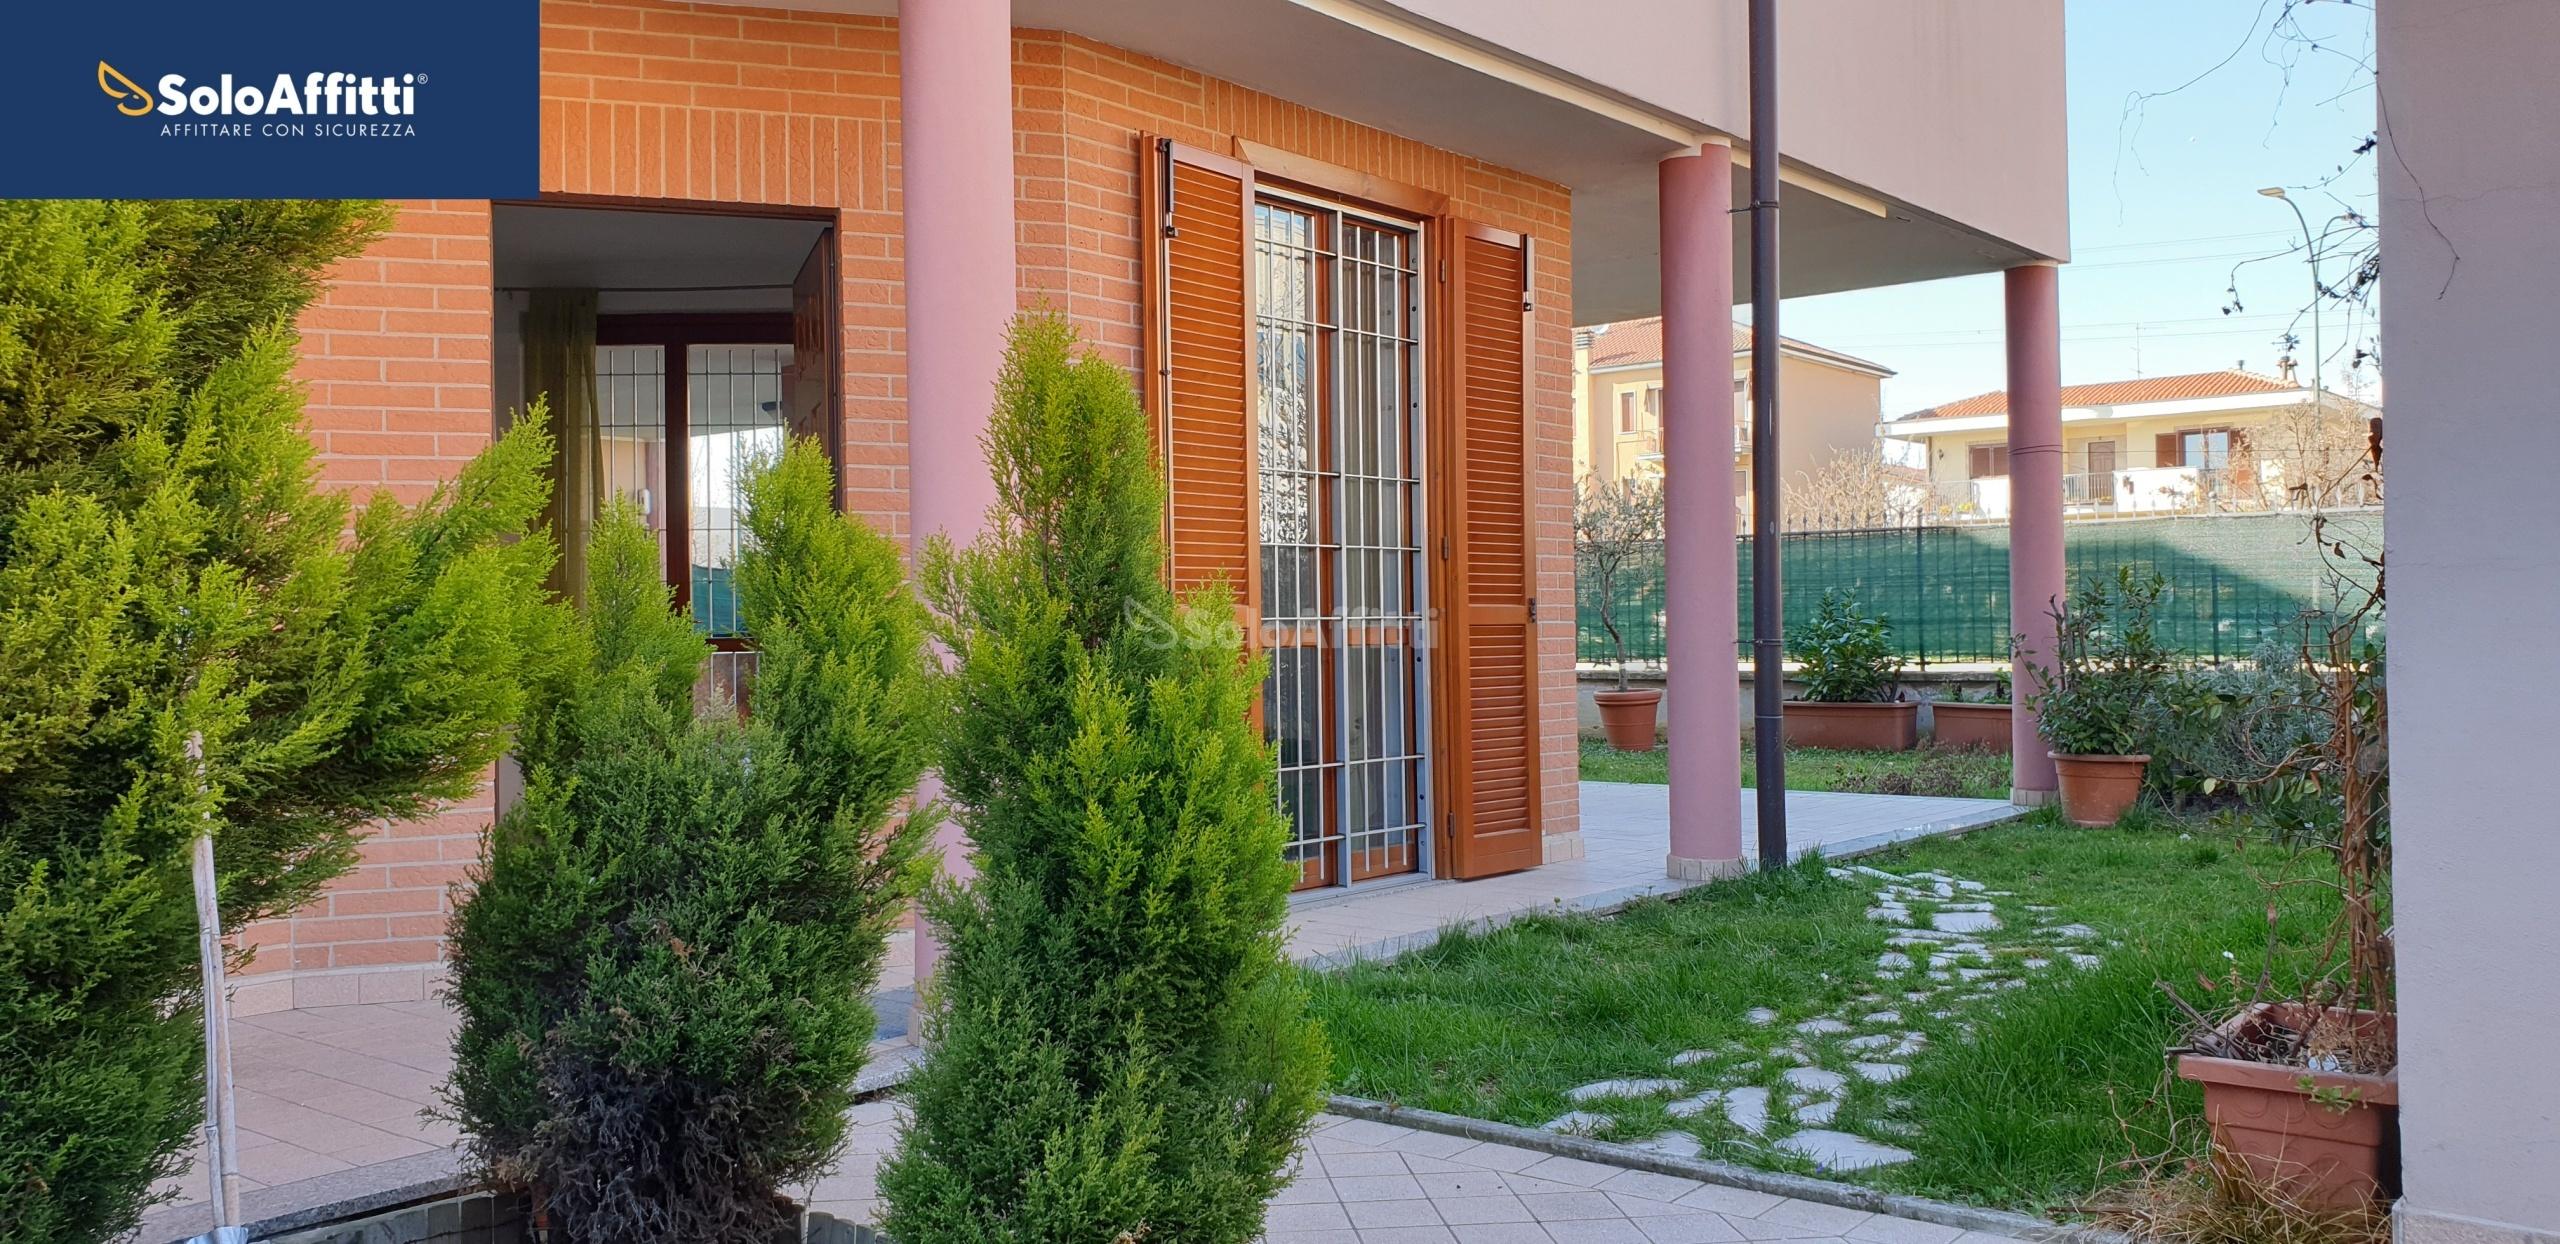 Affitto case limbiate appartamento in affitto limbiate for Case limbiate